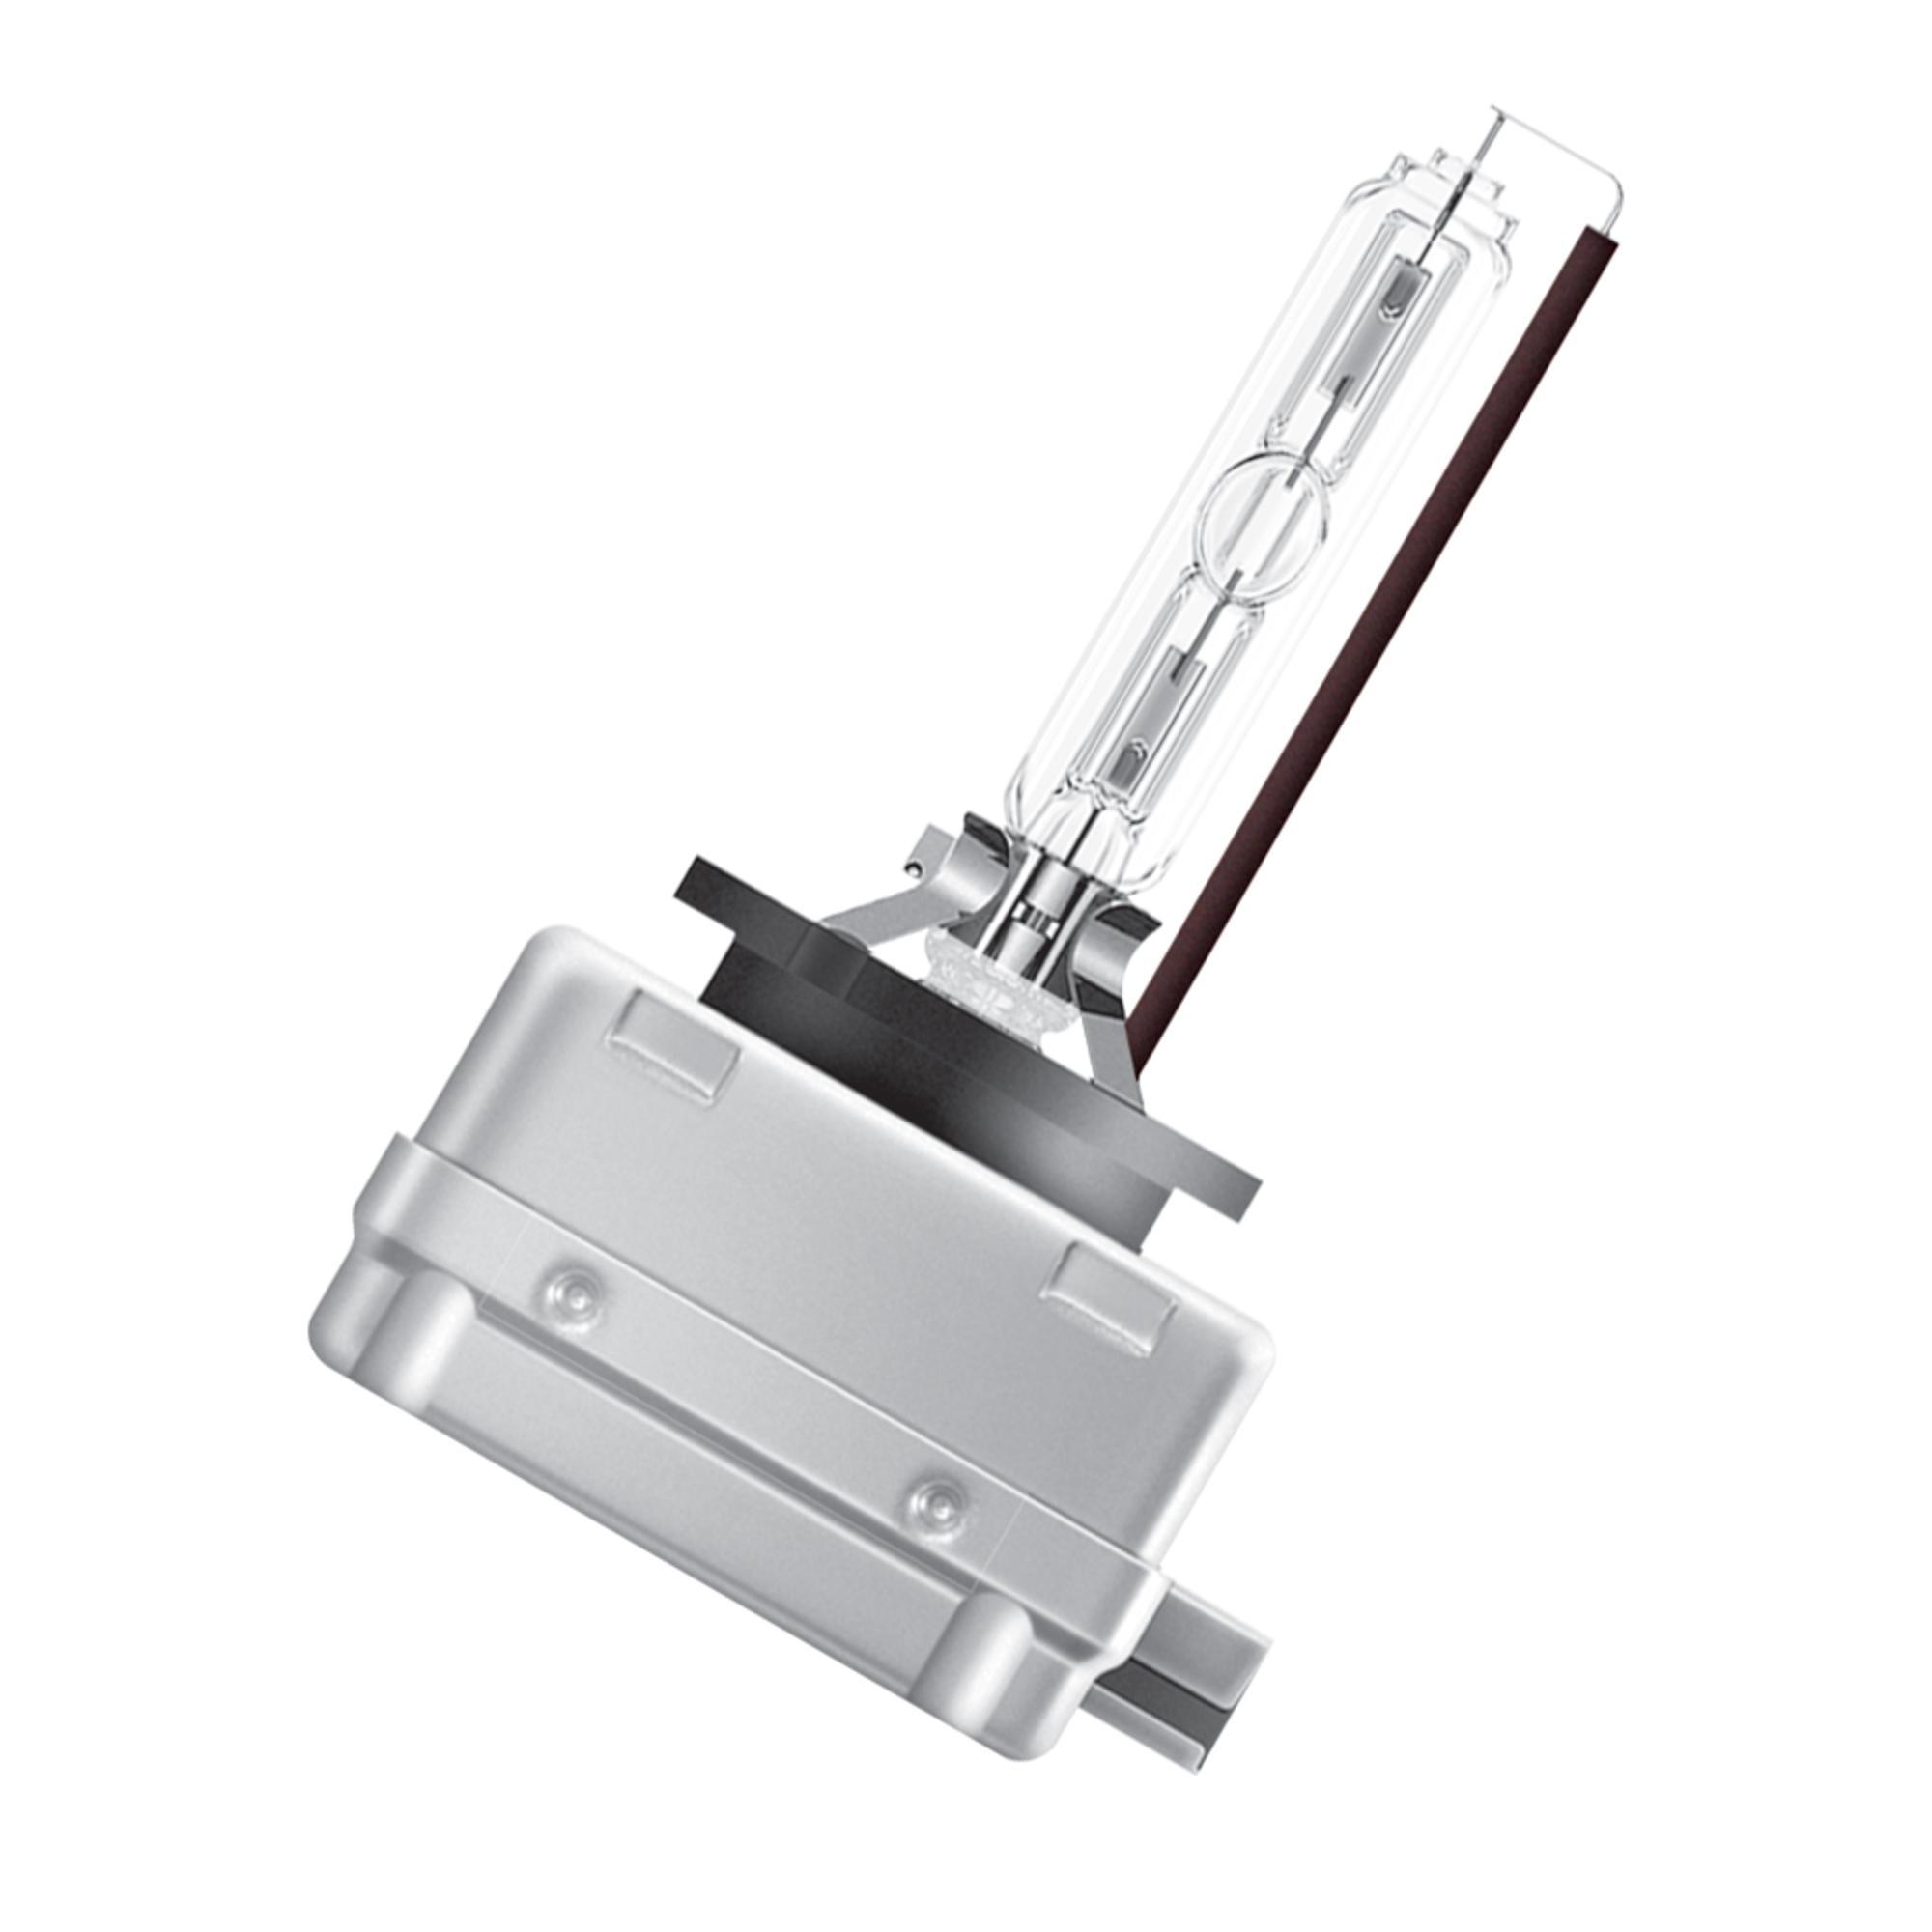 66140 Lâmpada, farol de longo alcance OSRAM - Experiência a preços com desconto